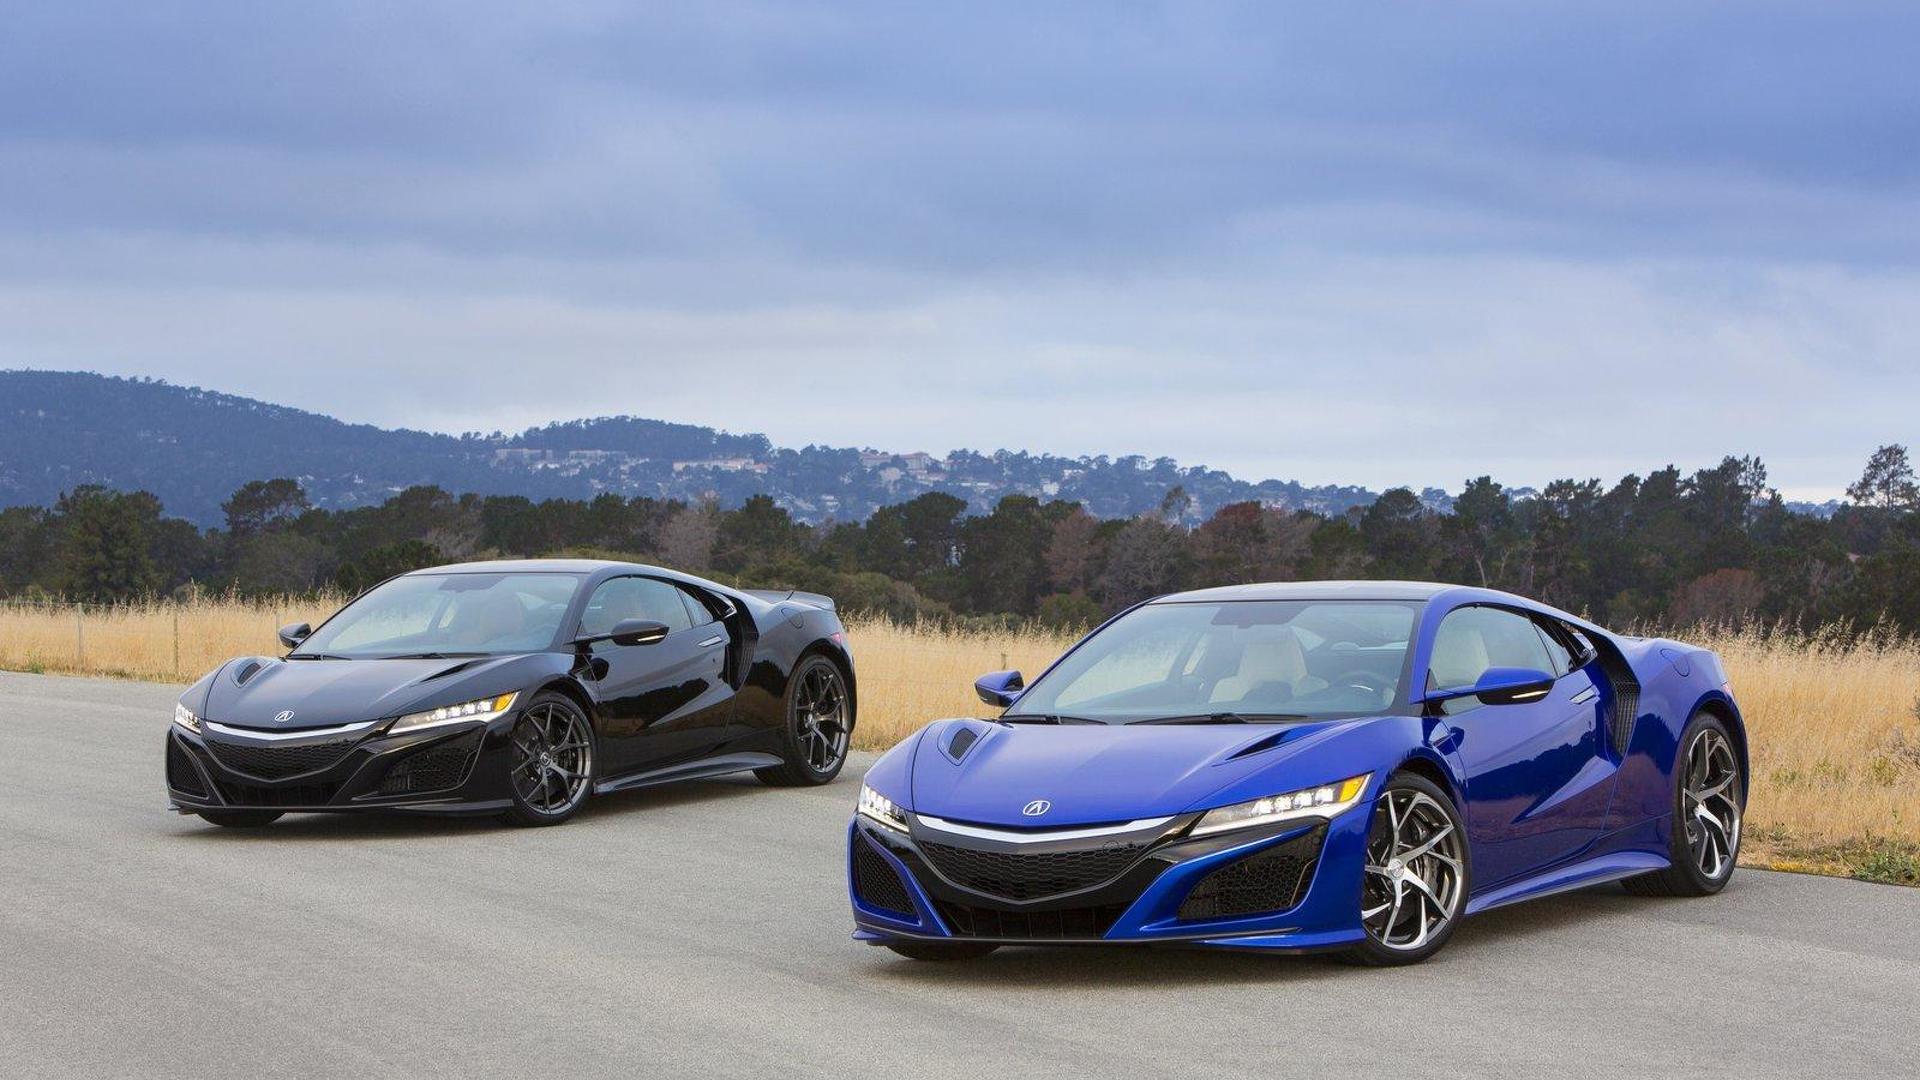 Acura Nsx News And Reviews Motor1 Com